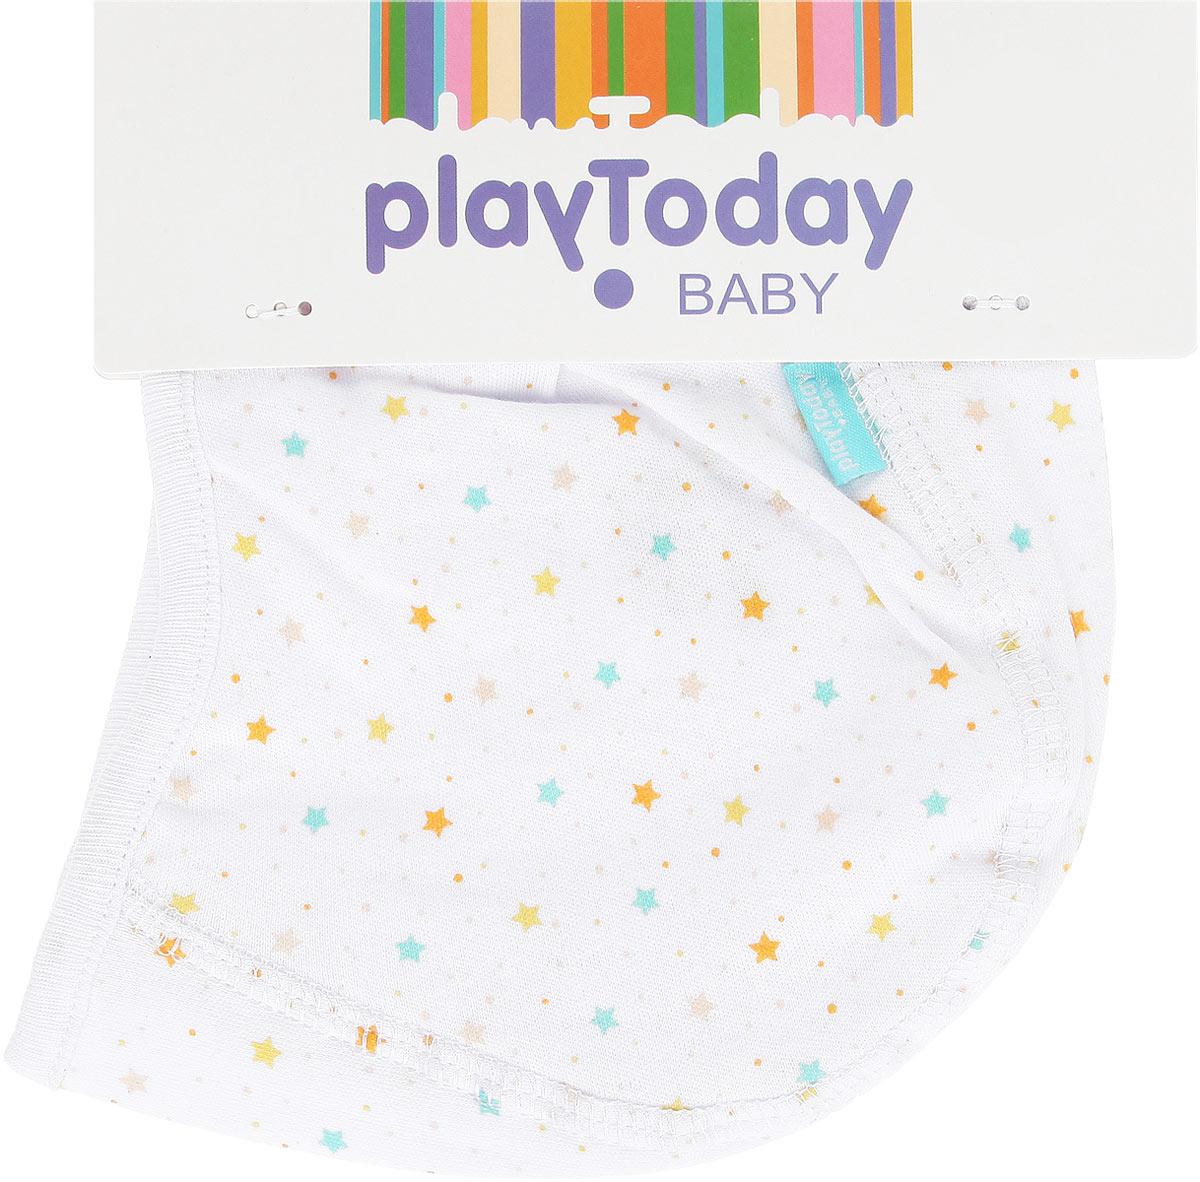 167862Мягкий чепчик PlayToday Baby, изготовленный из натурального хлопка, не раздражает нежную кожу ребенка и хорошо вентилируется. Плоские швы обеспечивают крохе максимальный комфорт. Модель по краю дополнена трикотажной резинкой. С помощью завязок можно регулировать обхват головы и шеи. В комплект входят два чепчика. Одна модель оформлена мелким принтом со звездочками, вторая - однотонная. Чепчик необходим любому младенцу, он защищает еще не заросший родничок, щадит чувствительный слух малыша, прикрывая ушки, а также предохраняет от теплопотери.